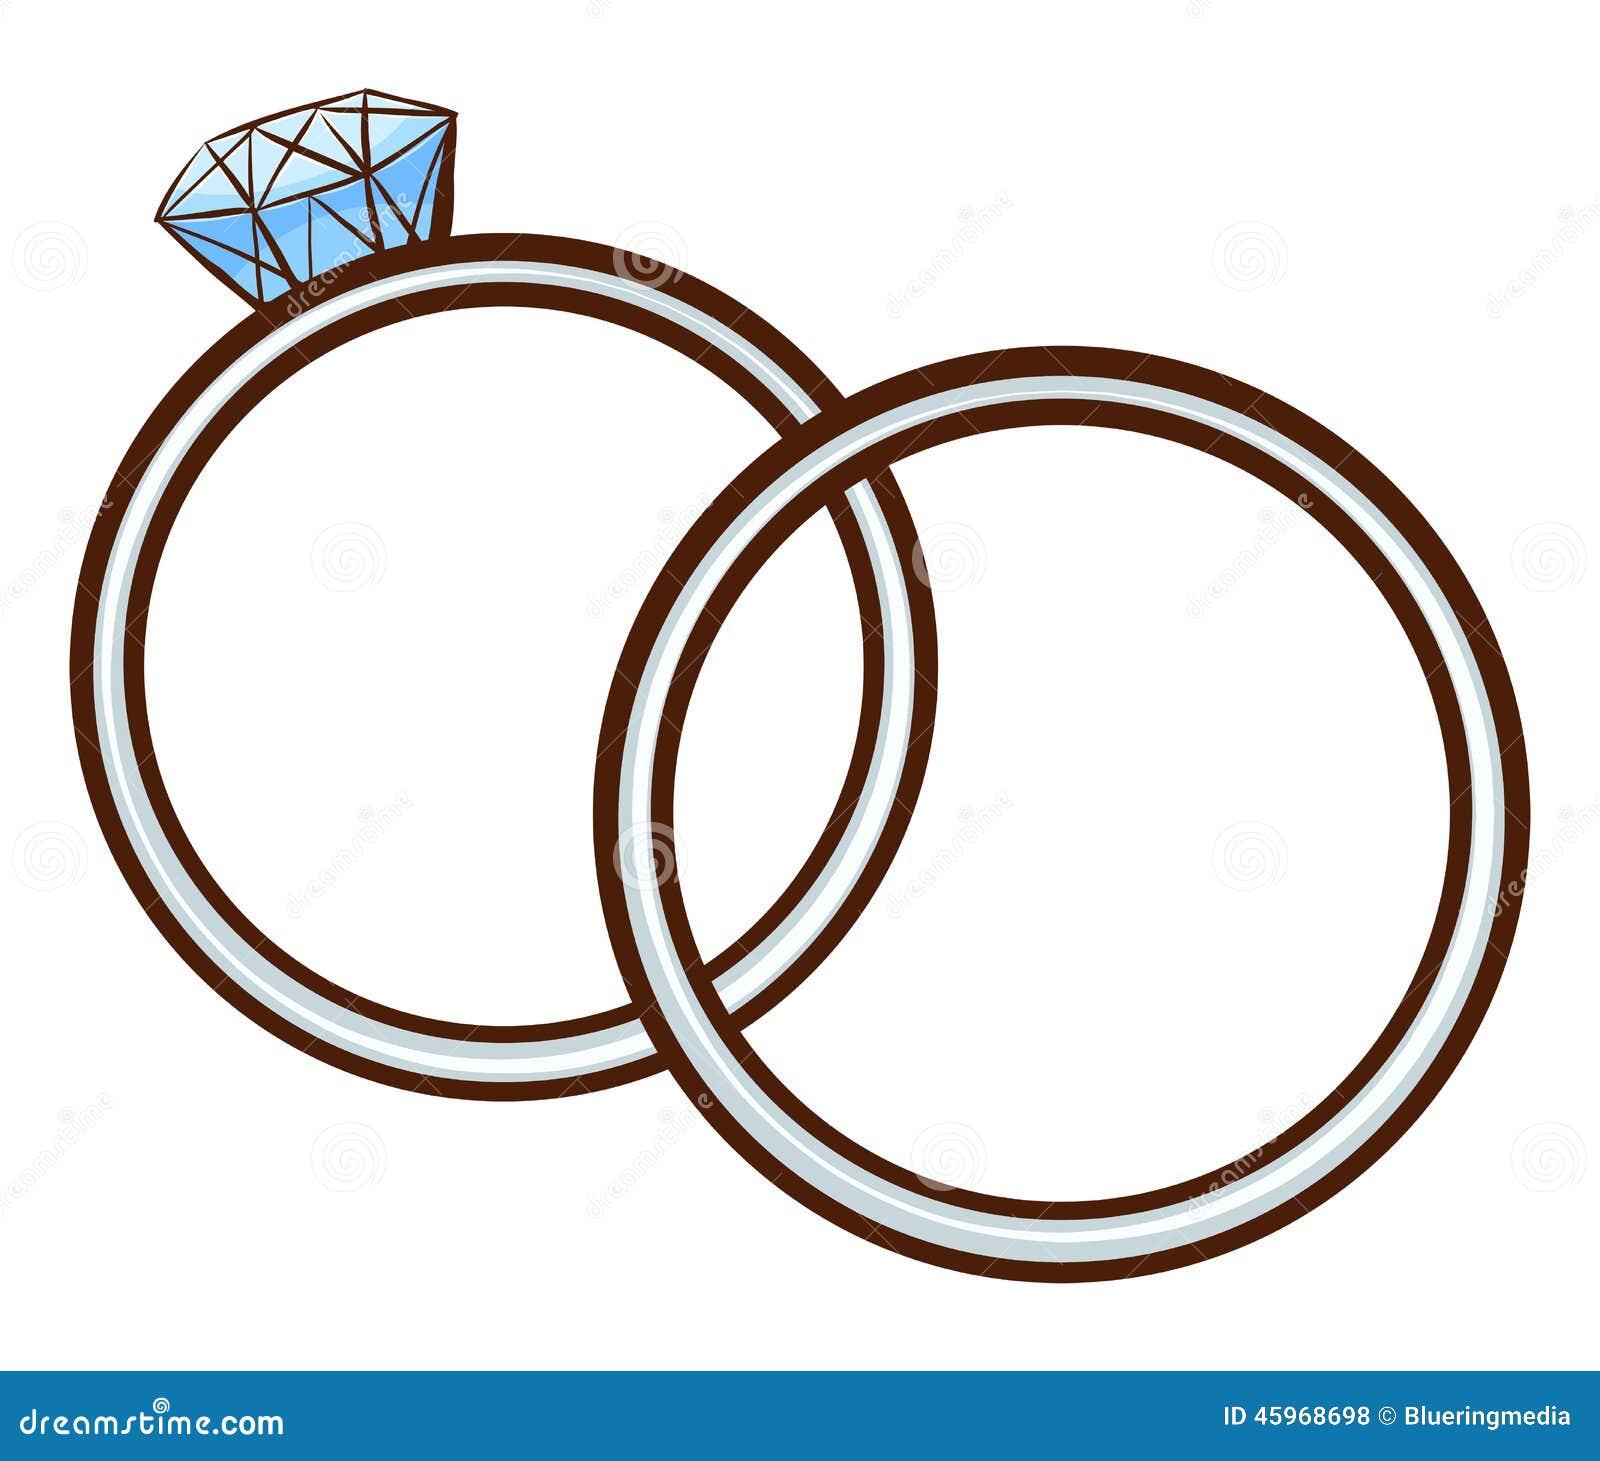 un croquis simple d 39 un lien de mariage illustration de vecteur image 45968698. Black Bedroom Furniture Sets. Home Design Ideas